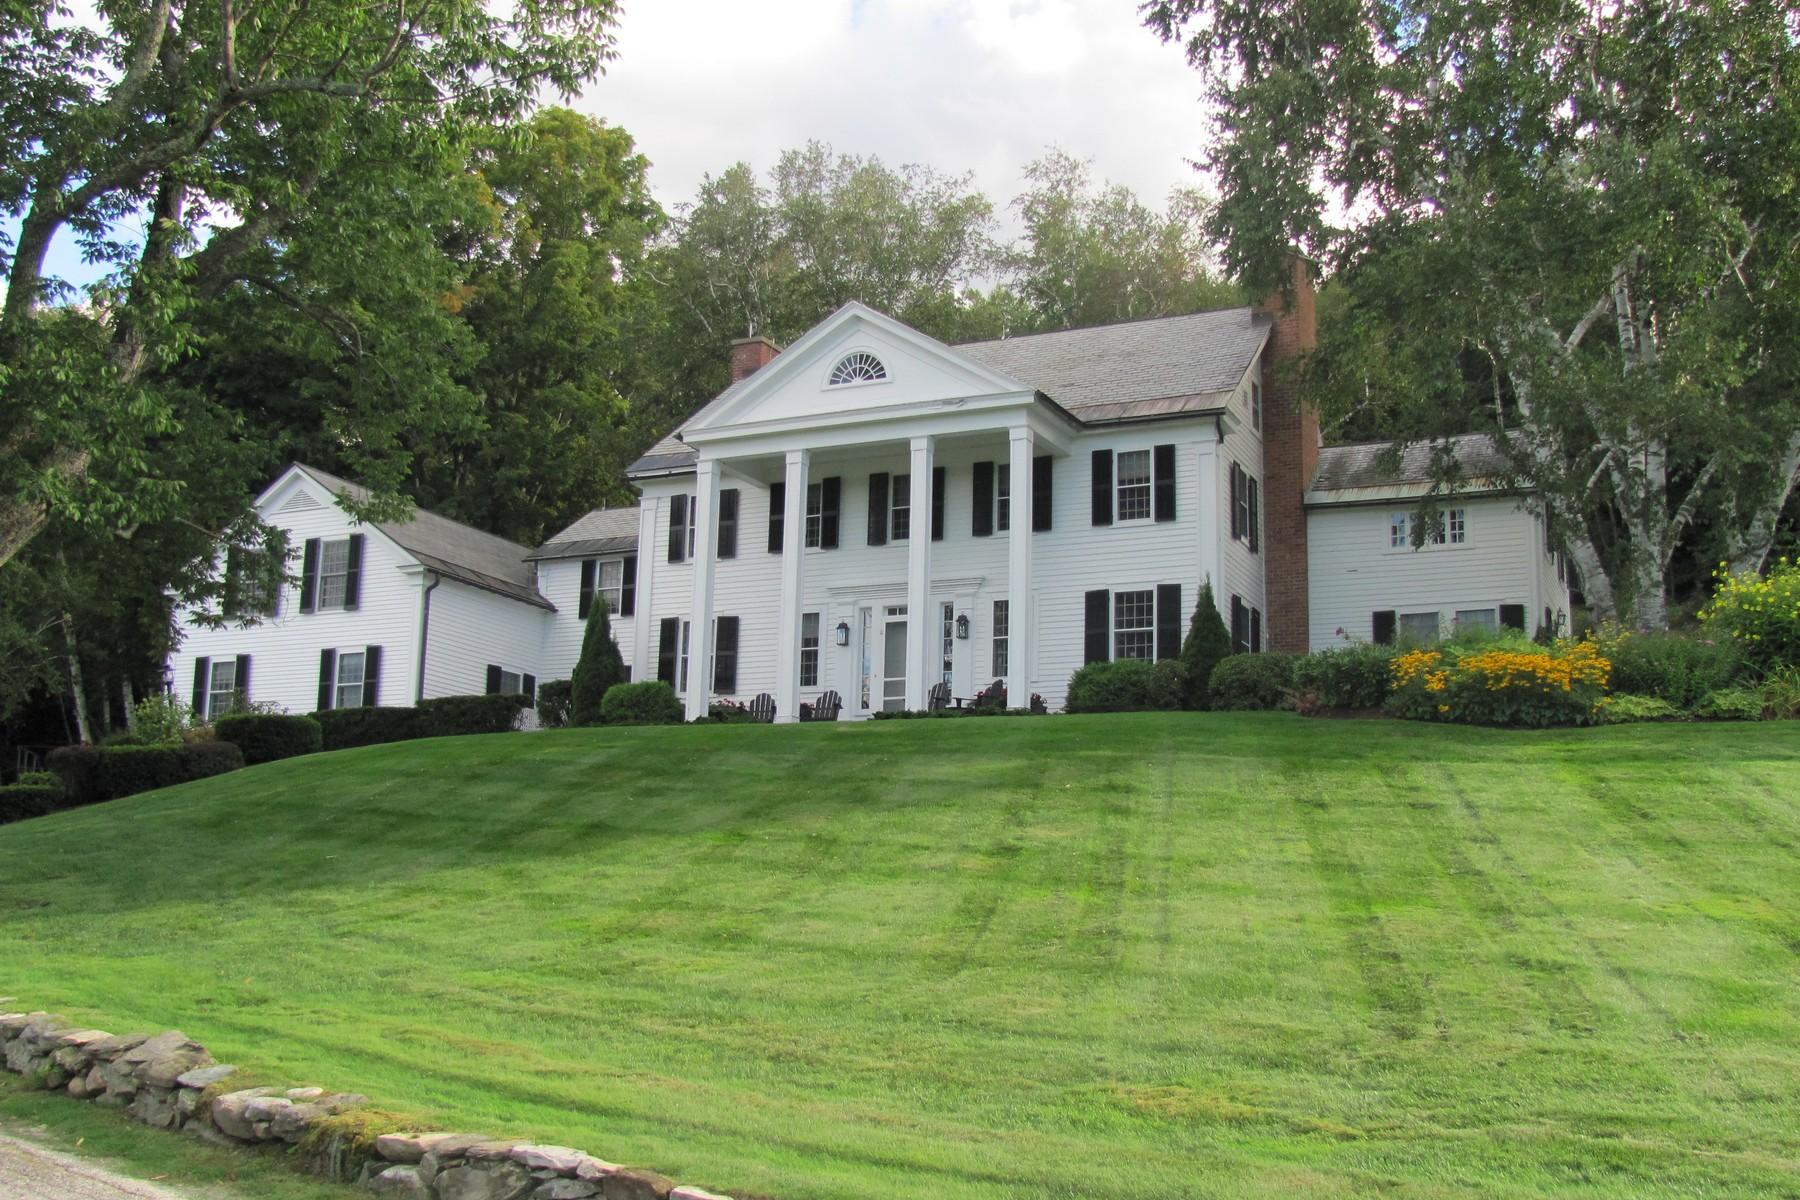 Casa Unifamiliar por un Venta en 821 Nichols Hill Road, Dorset 821 Nichols Hill Rd Dorset, Vermont 05251 Estados Unidos